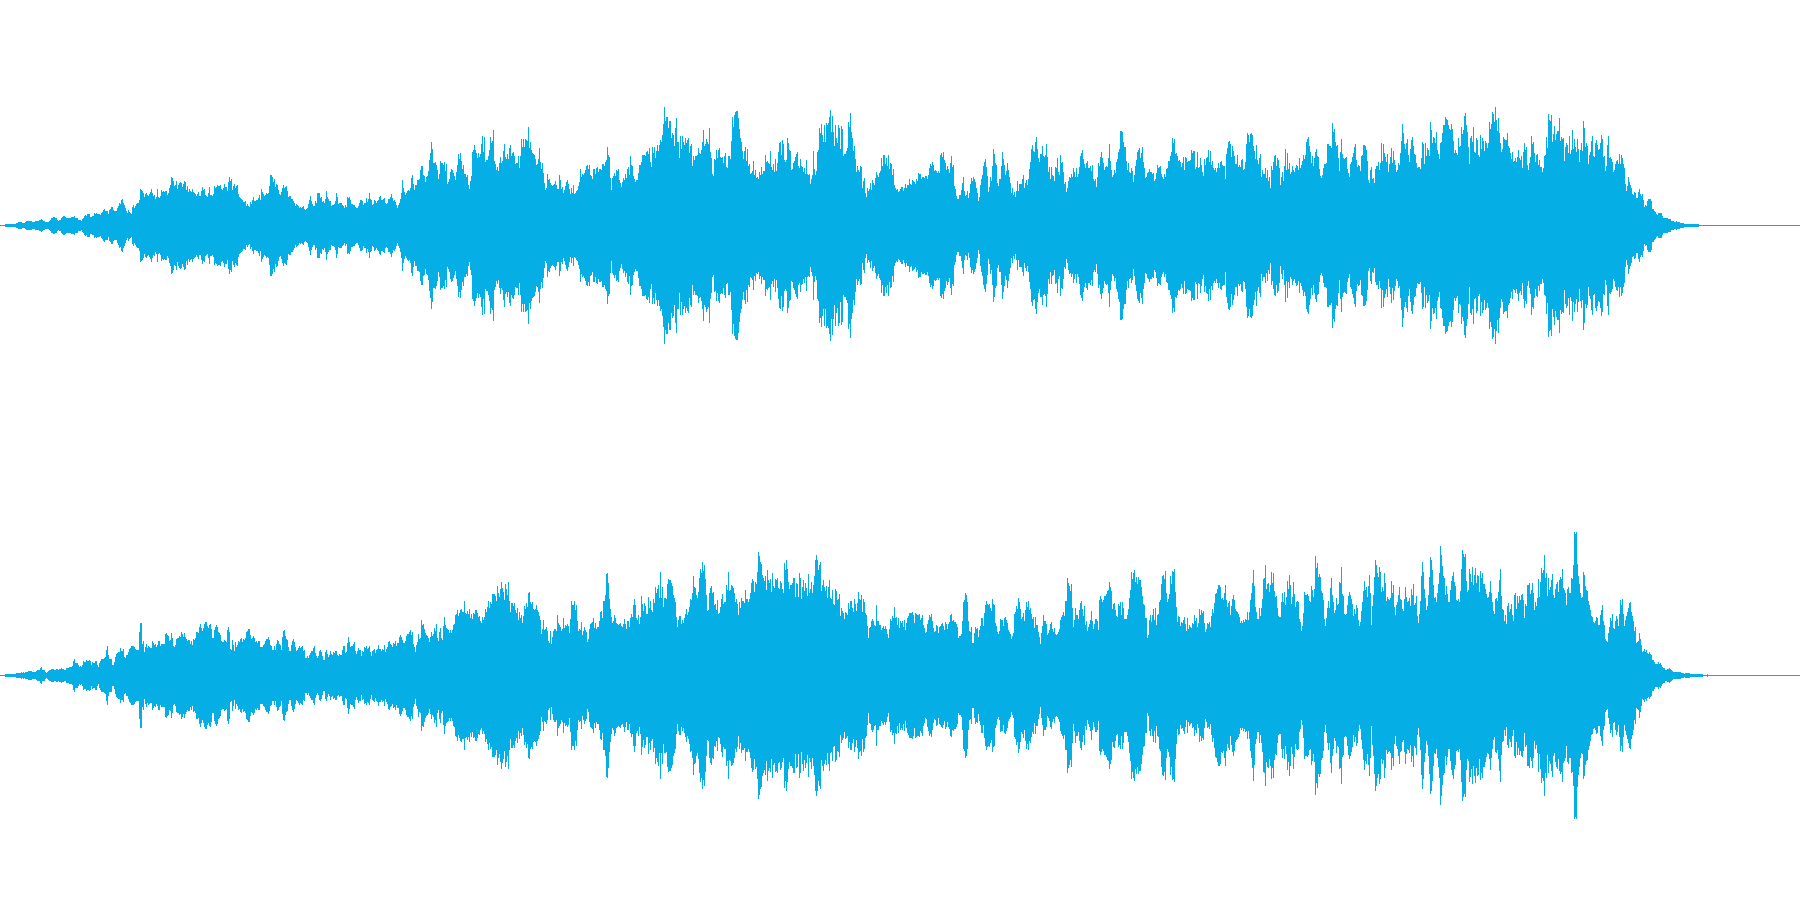 Dark_ホラーで怪しく神秘的-01の再生済みの波形